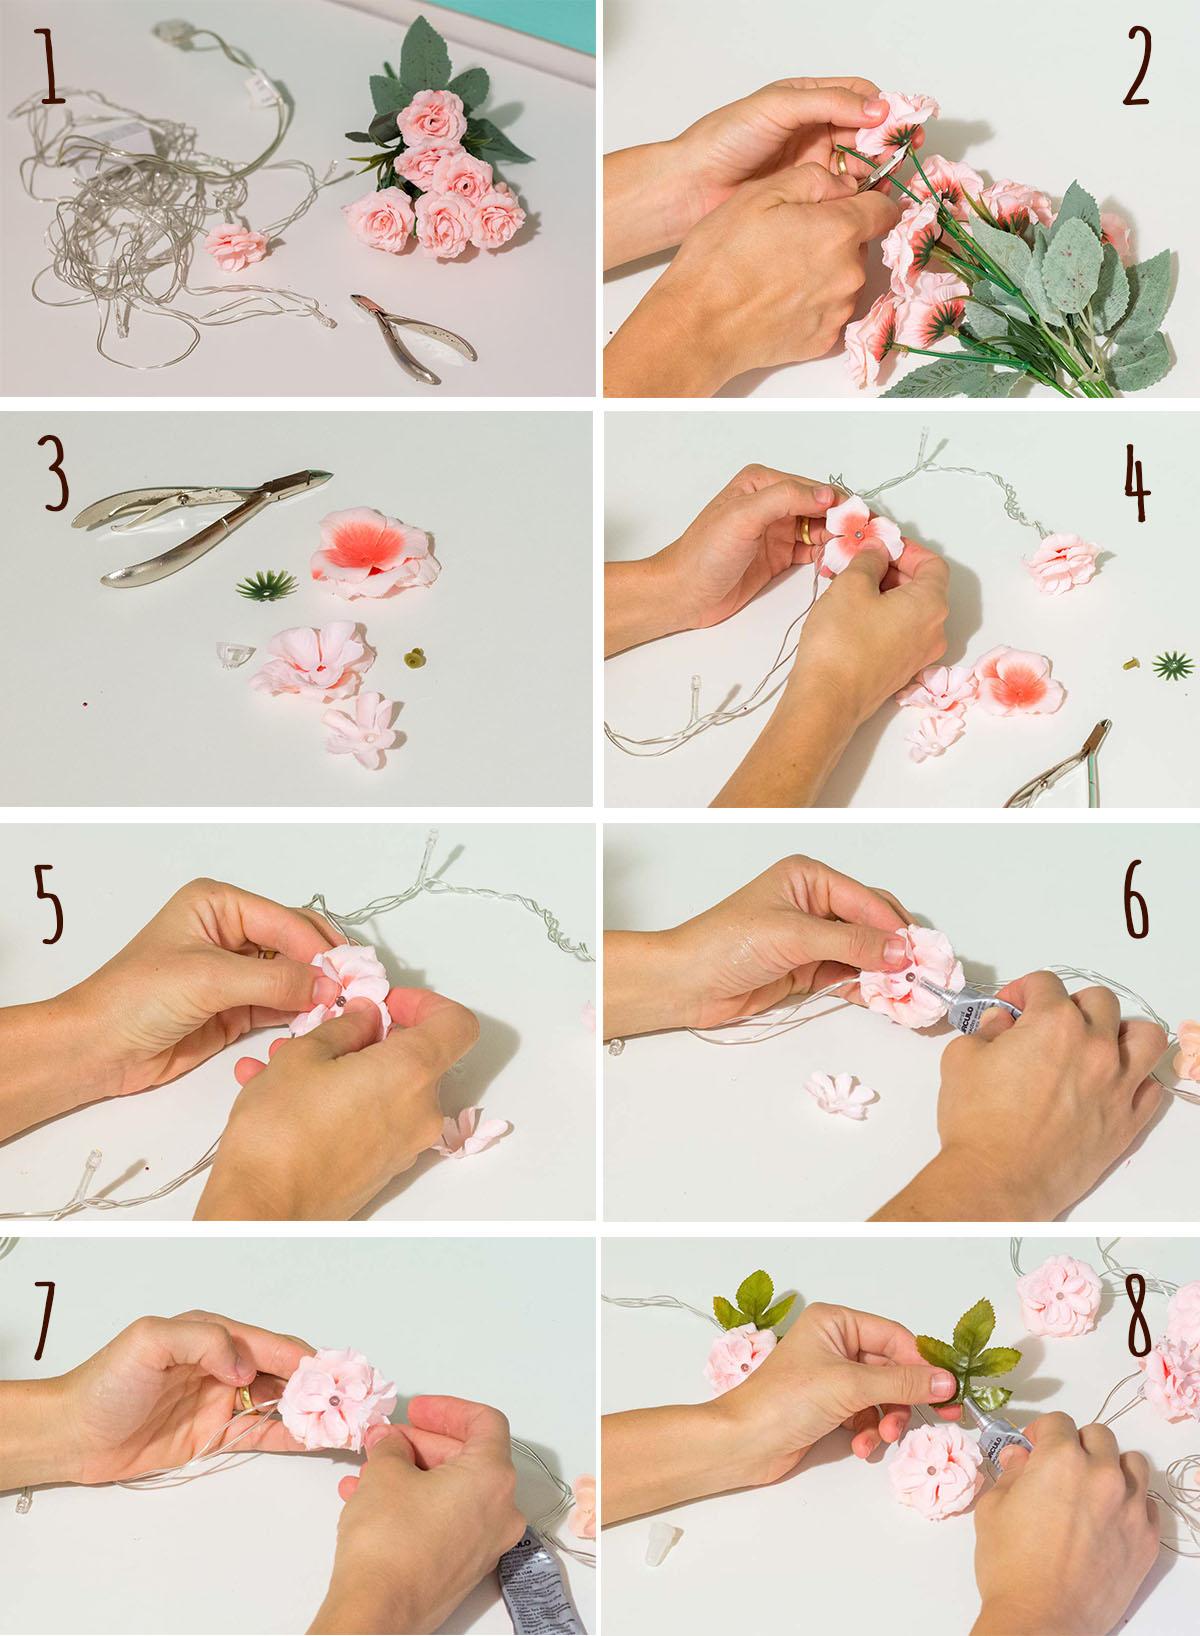 cordão-de-luz-com-flores-artificiais-cha-de-bebe